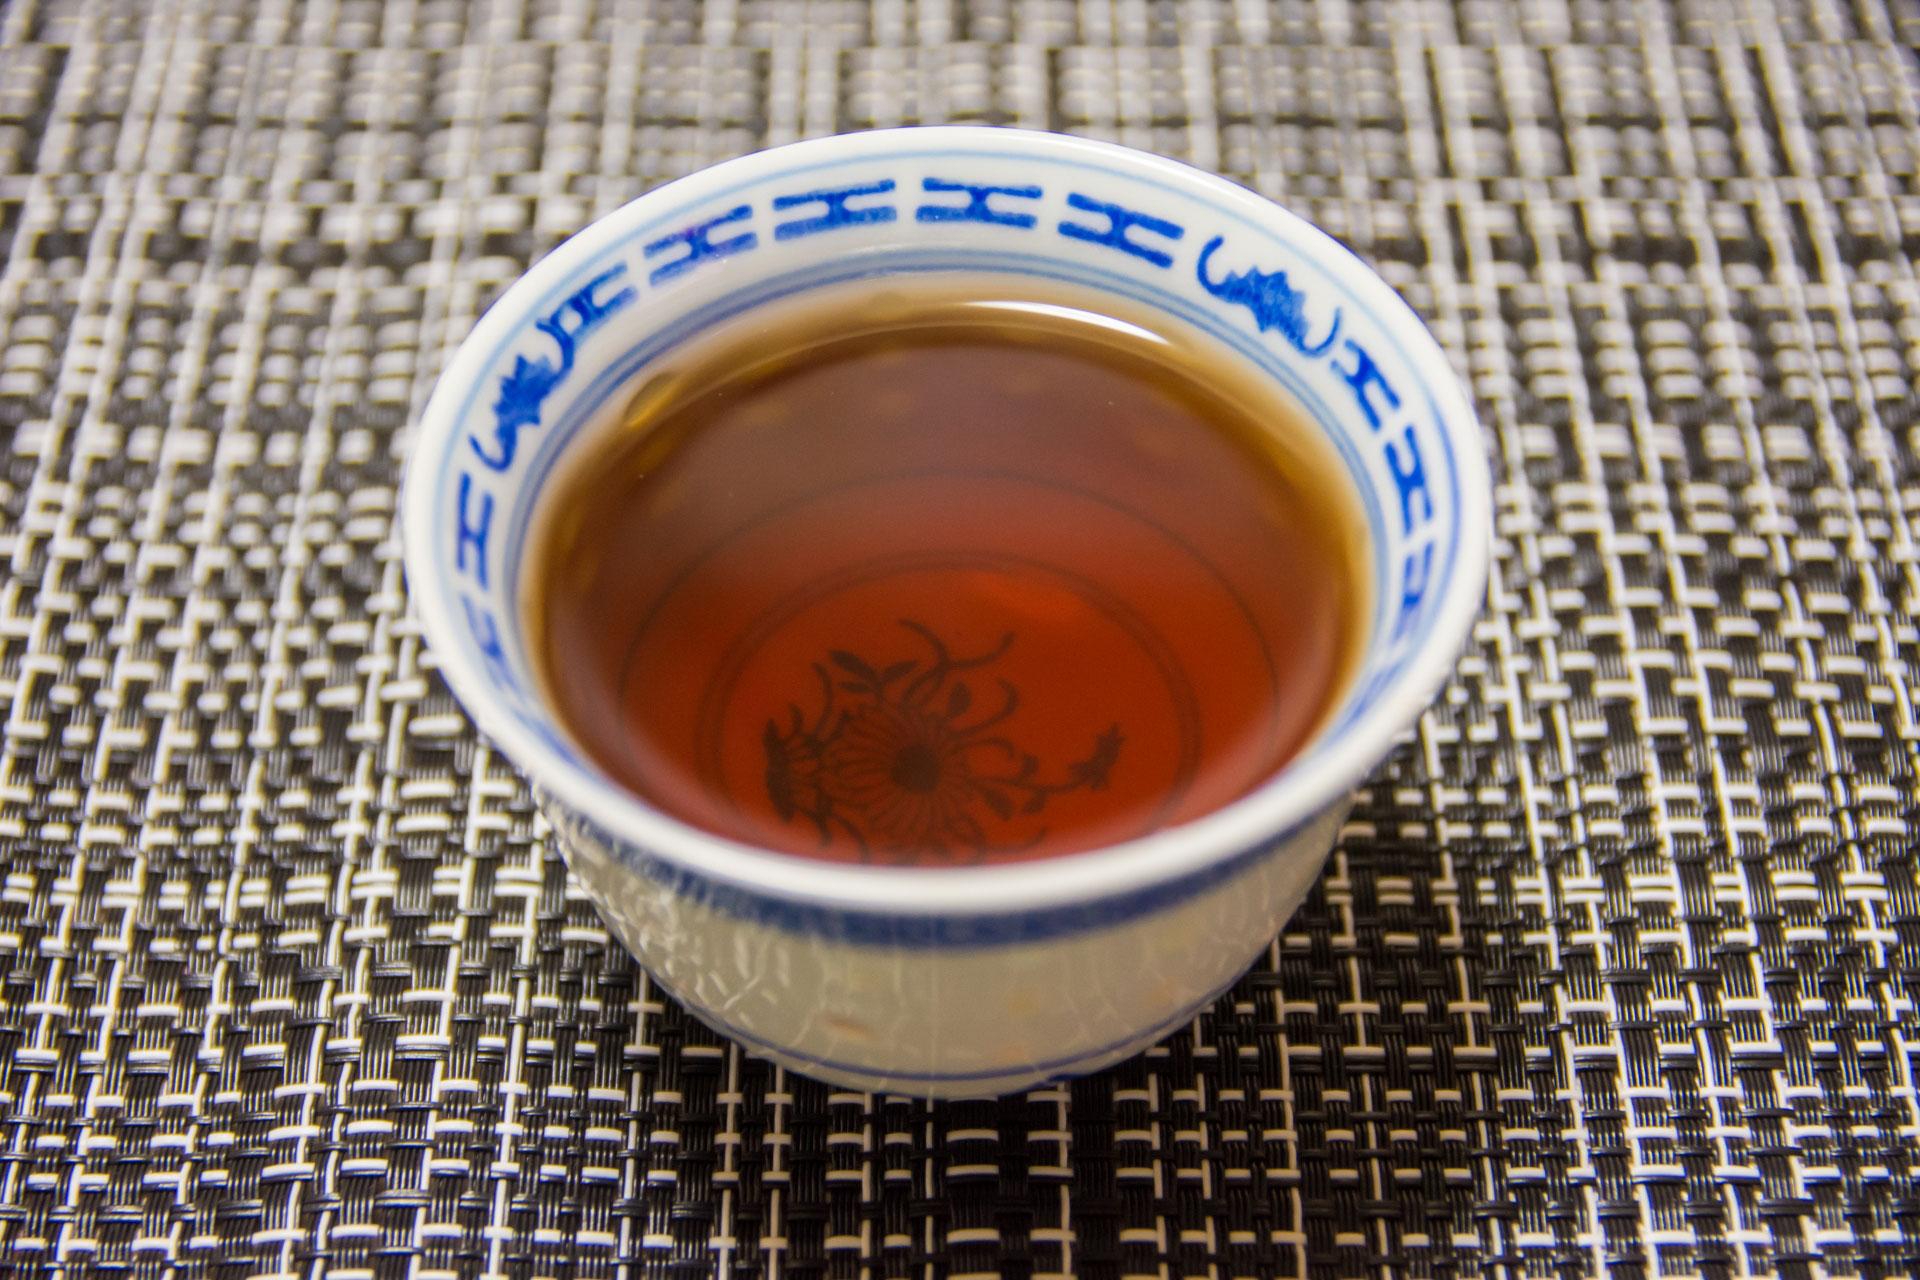 苦しい便秘から卒業したい!便秘を解消する9種類のお茶の秘密を徹底解説。プーアール茶